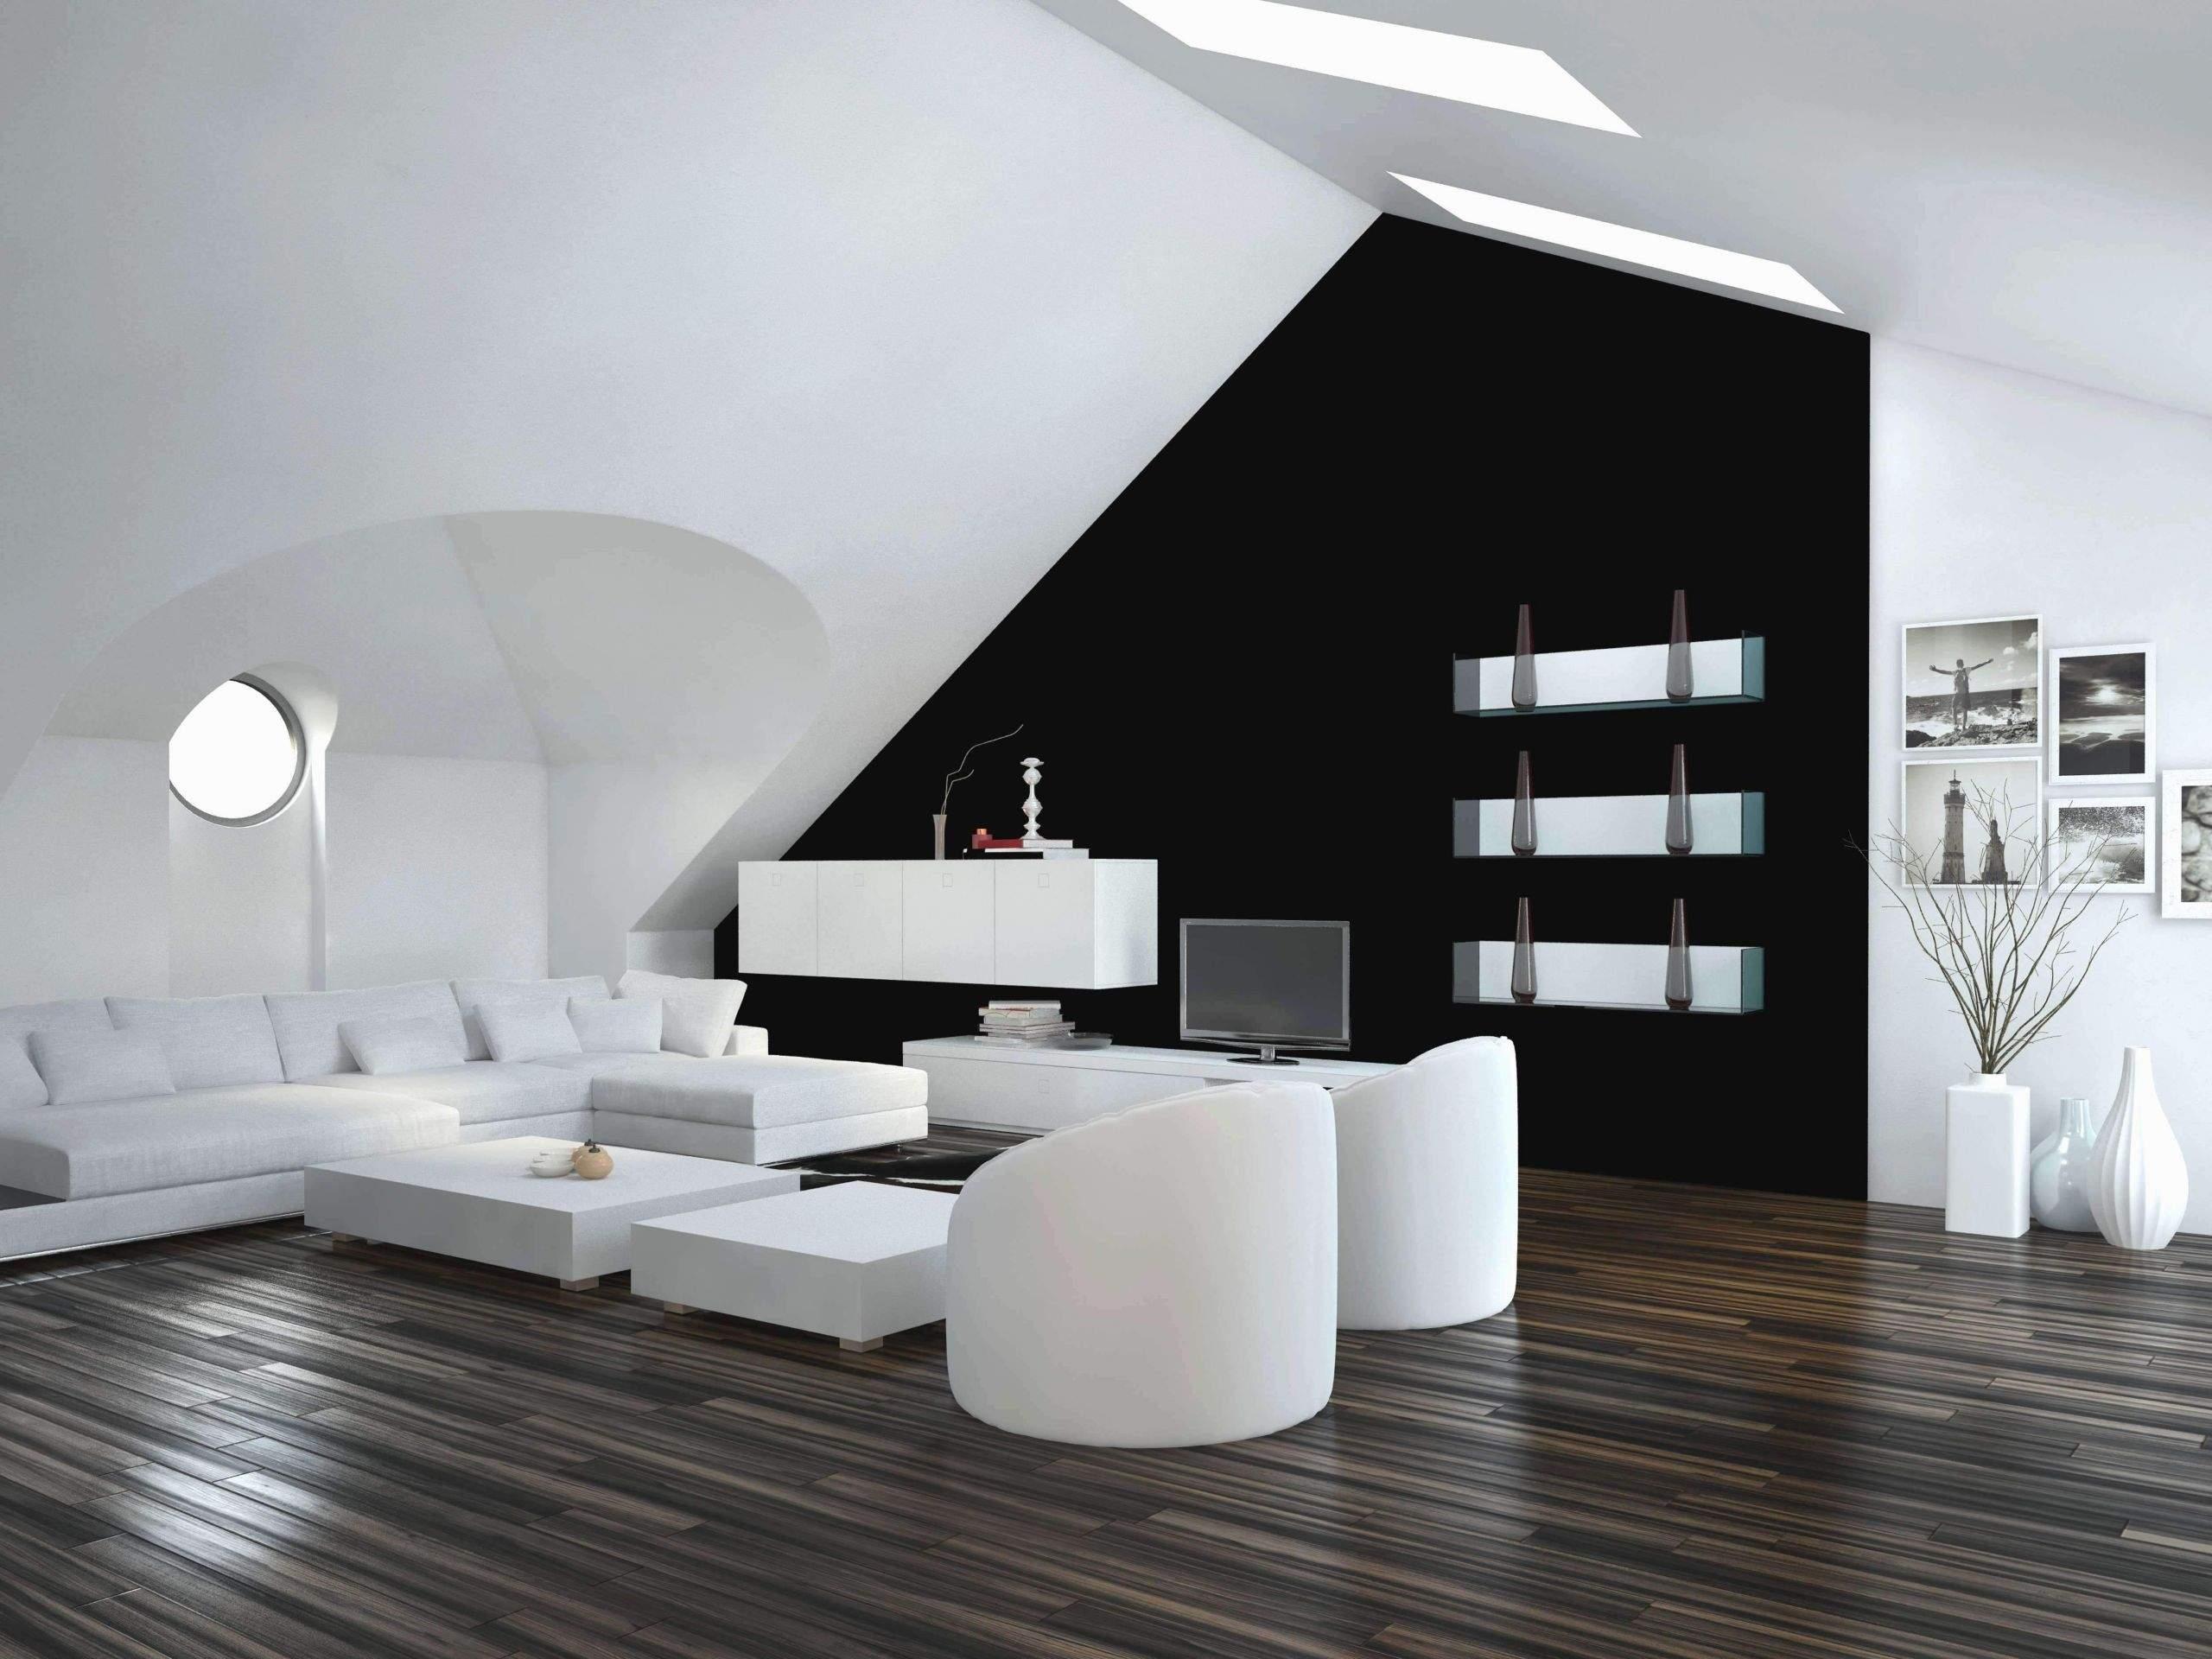 wohnzimmer ideen pinterest das beste von wohnzimmer steinwand schon wohnzimmer deko ideen aktuelle of wohnzimmer ideen pinterest scaled